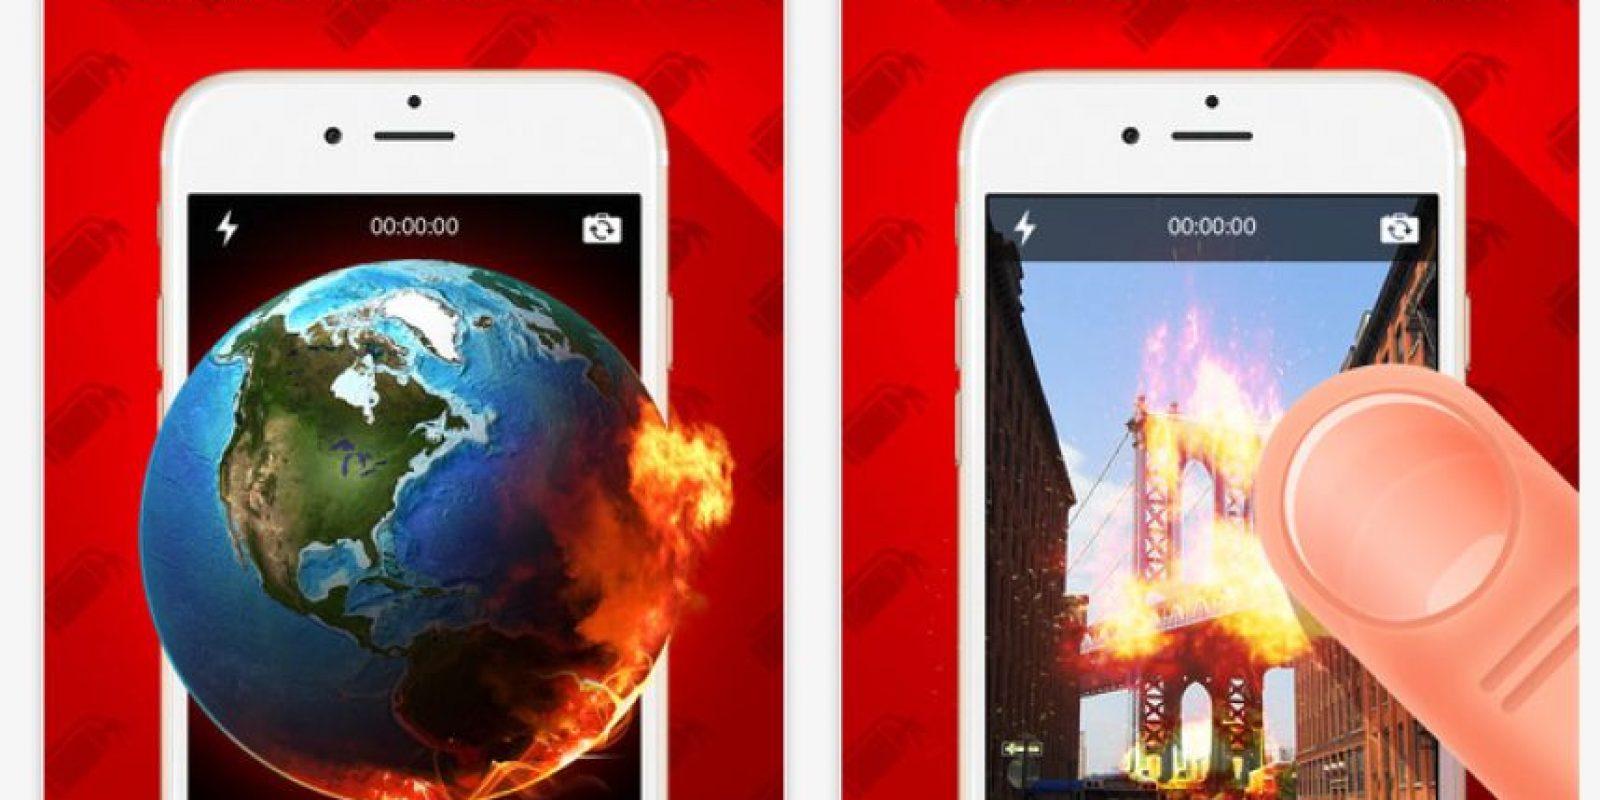 Permite añadir efectos de fuego a cualquier lugar de la imagen. Foto:DynamicDust s.r.o.